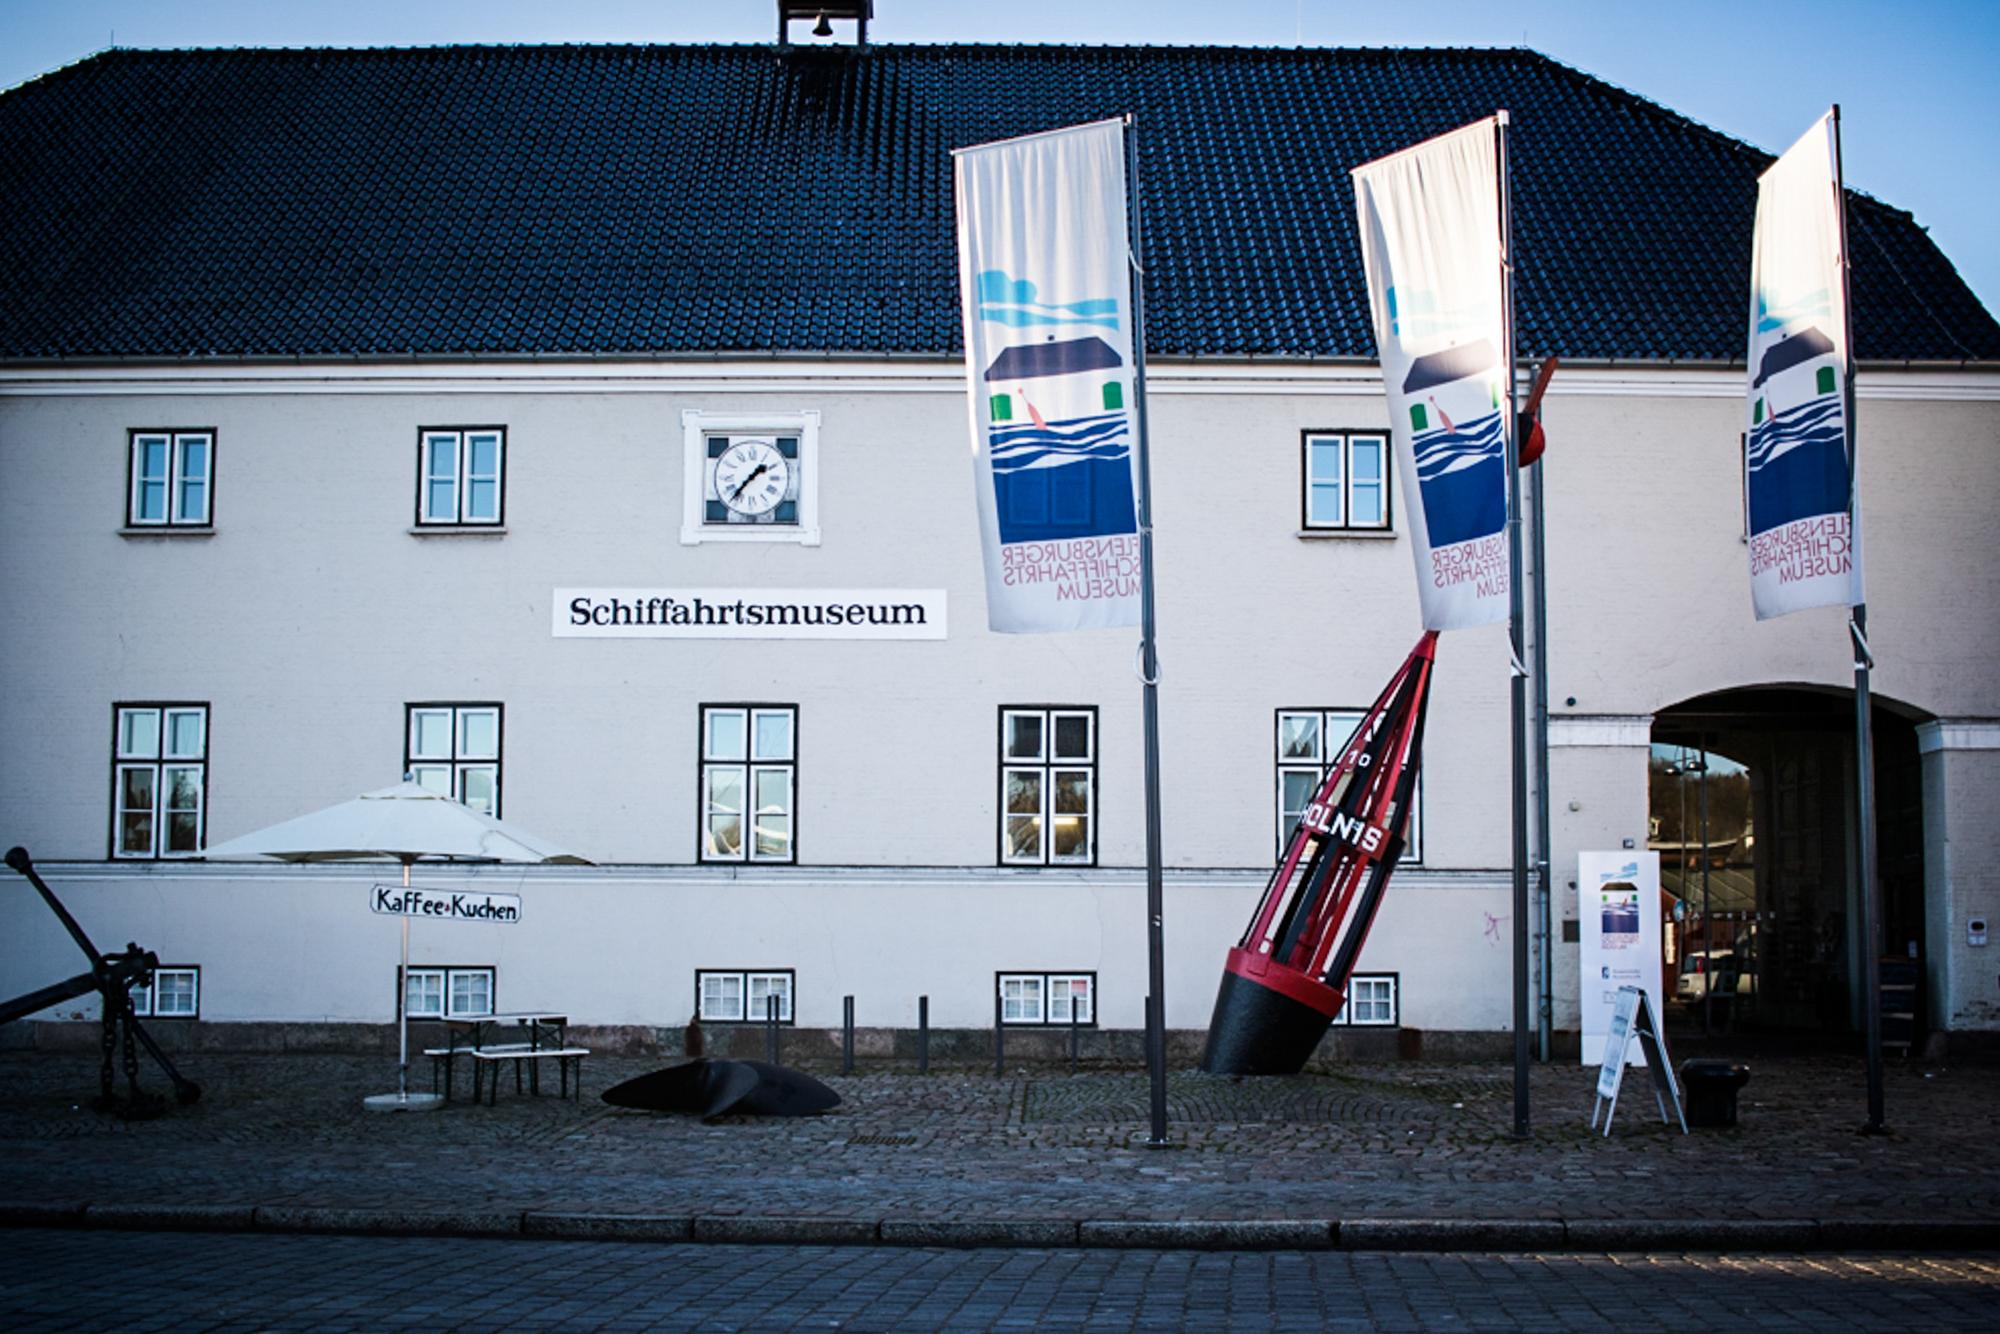 Schifffahrtsmuseum Flensburg